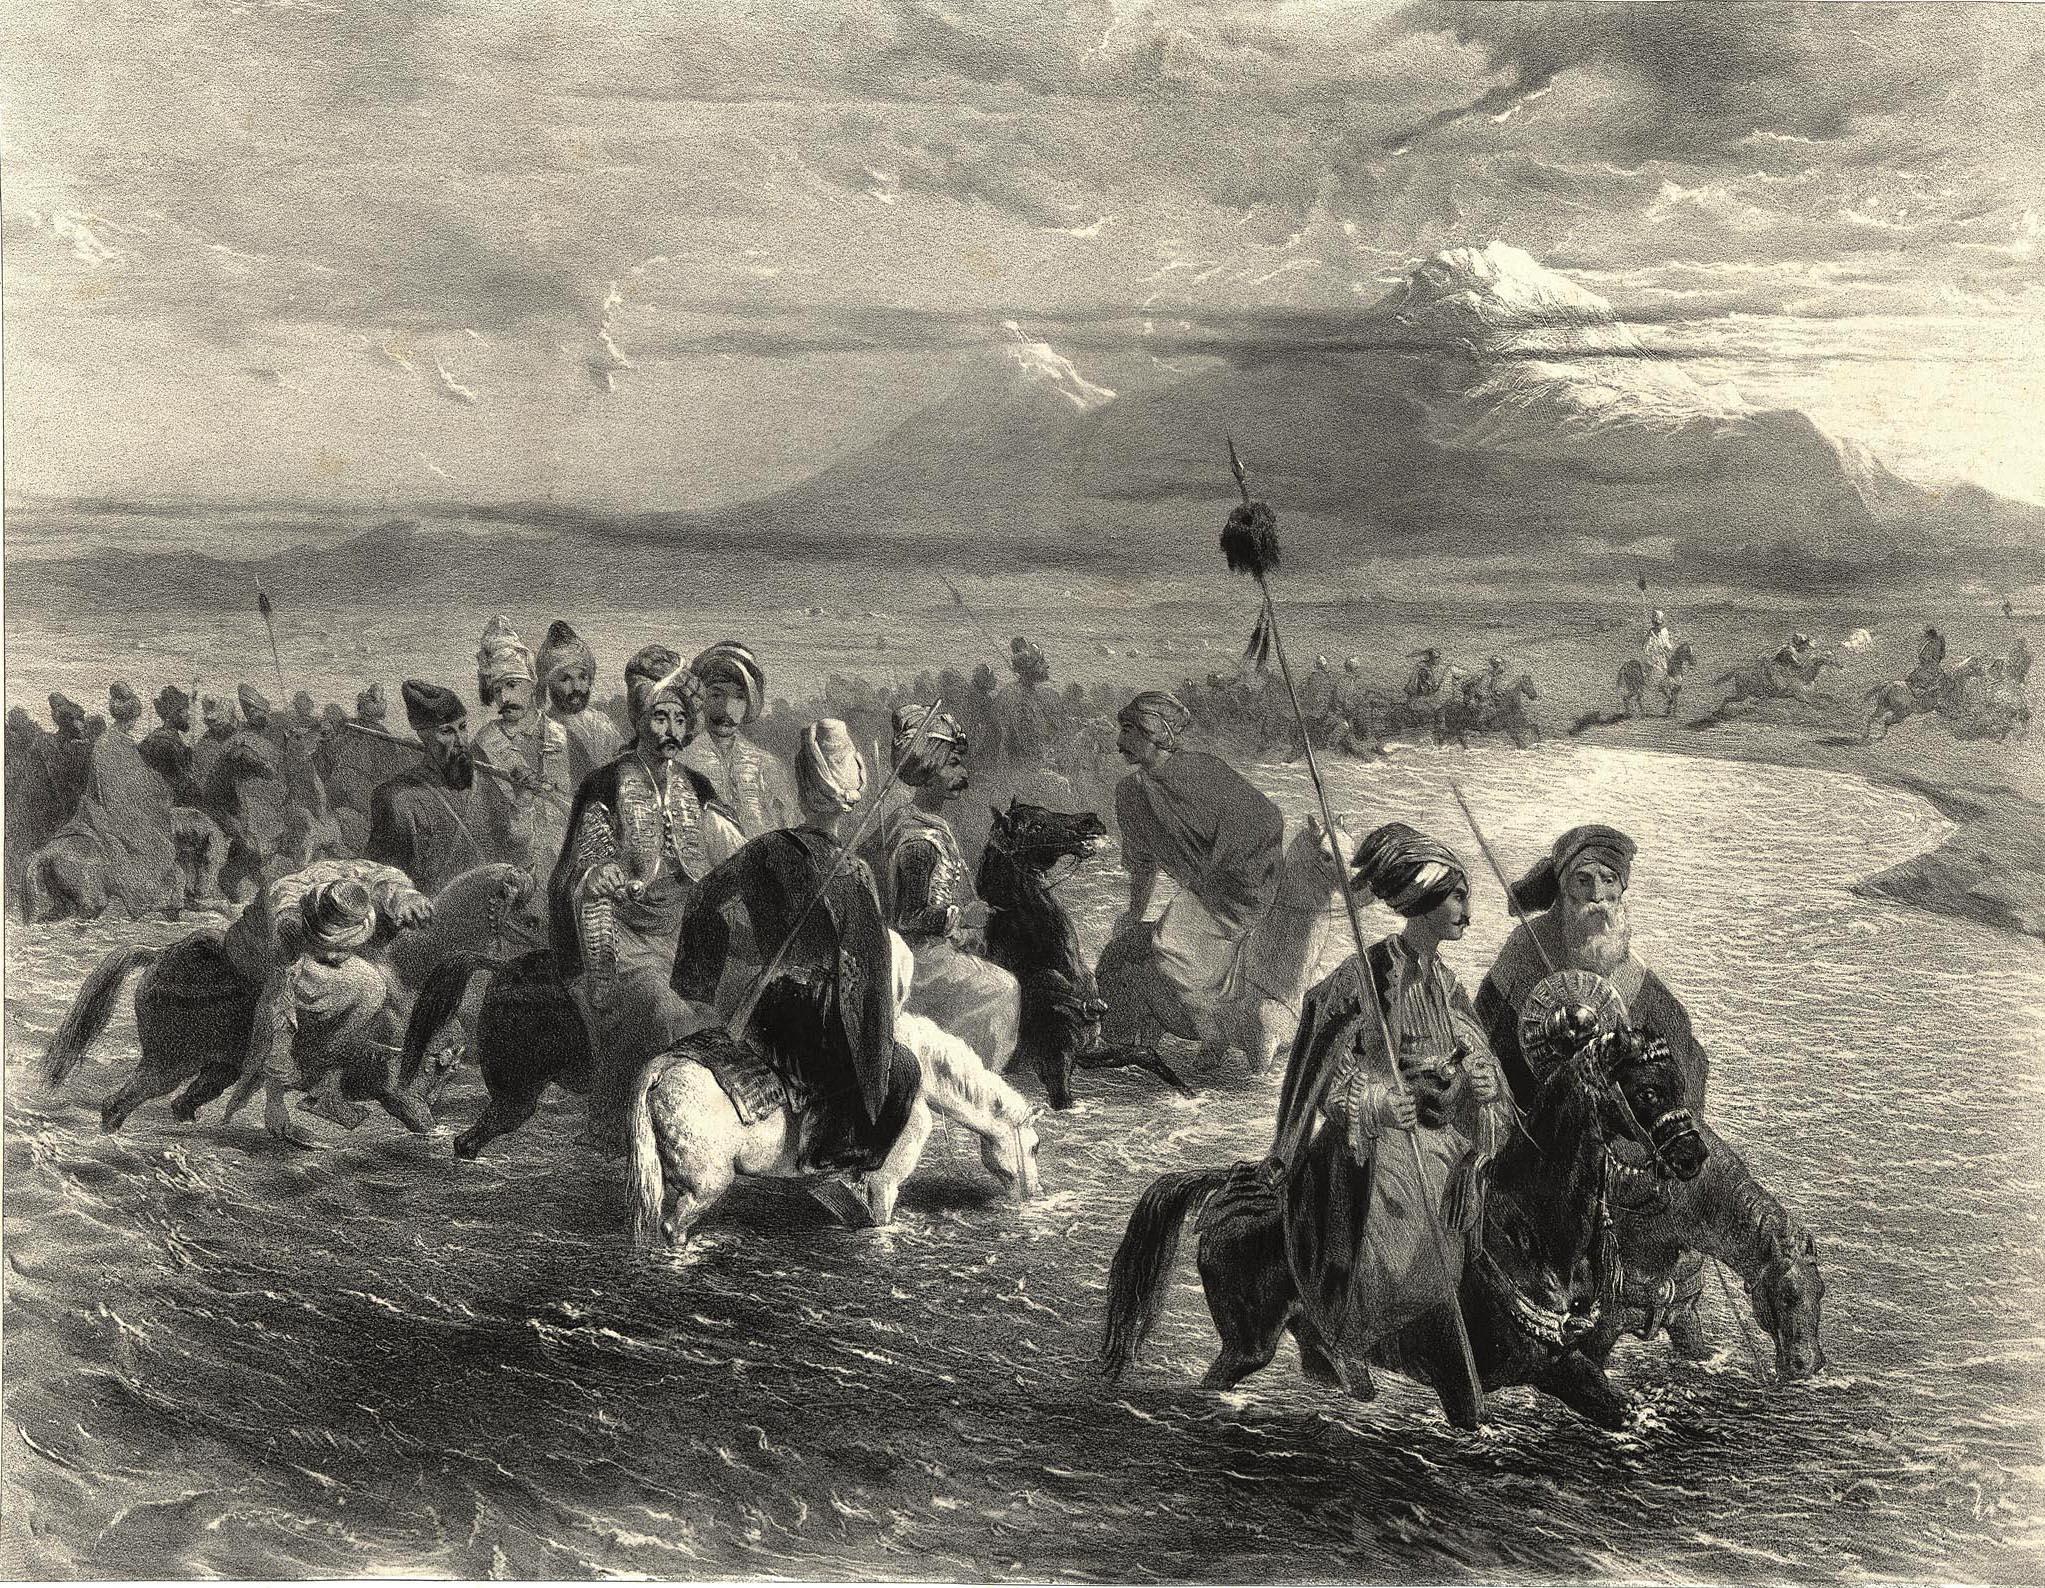 14. Armenie. Tribu kurde passant un gue sur L'arax / Армения. Курды переходят реку Аракс